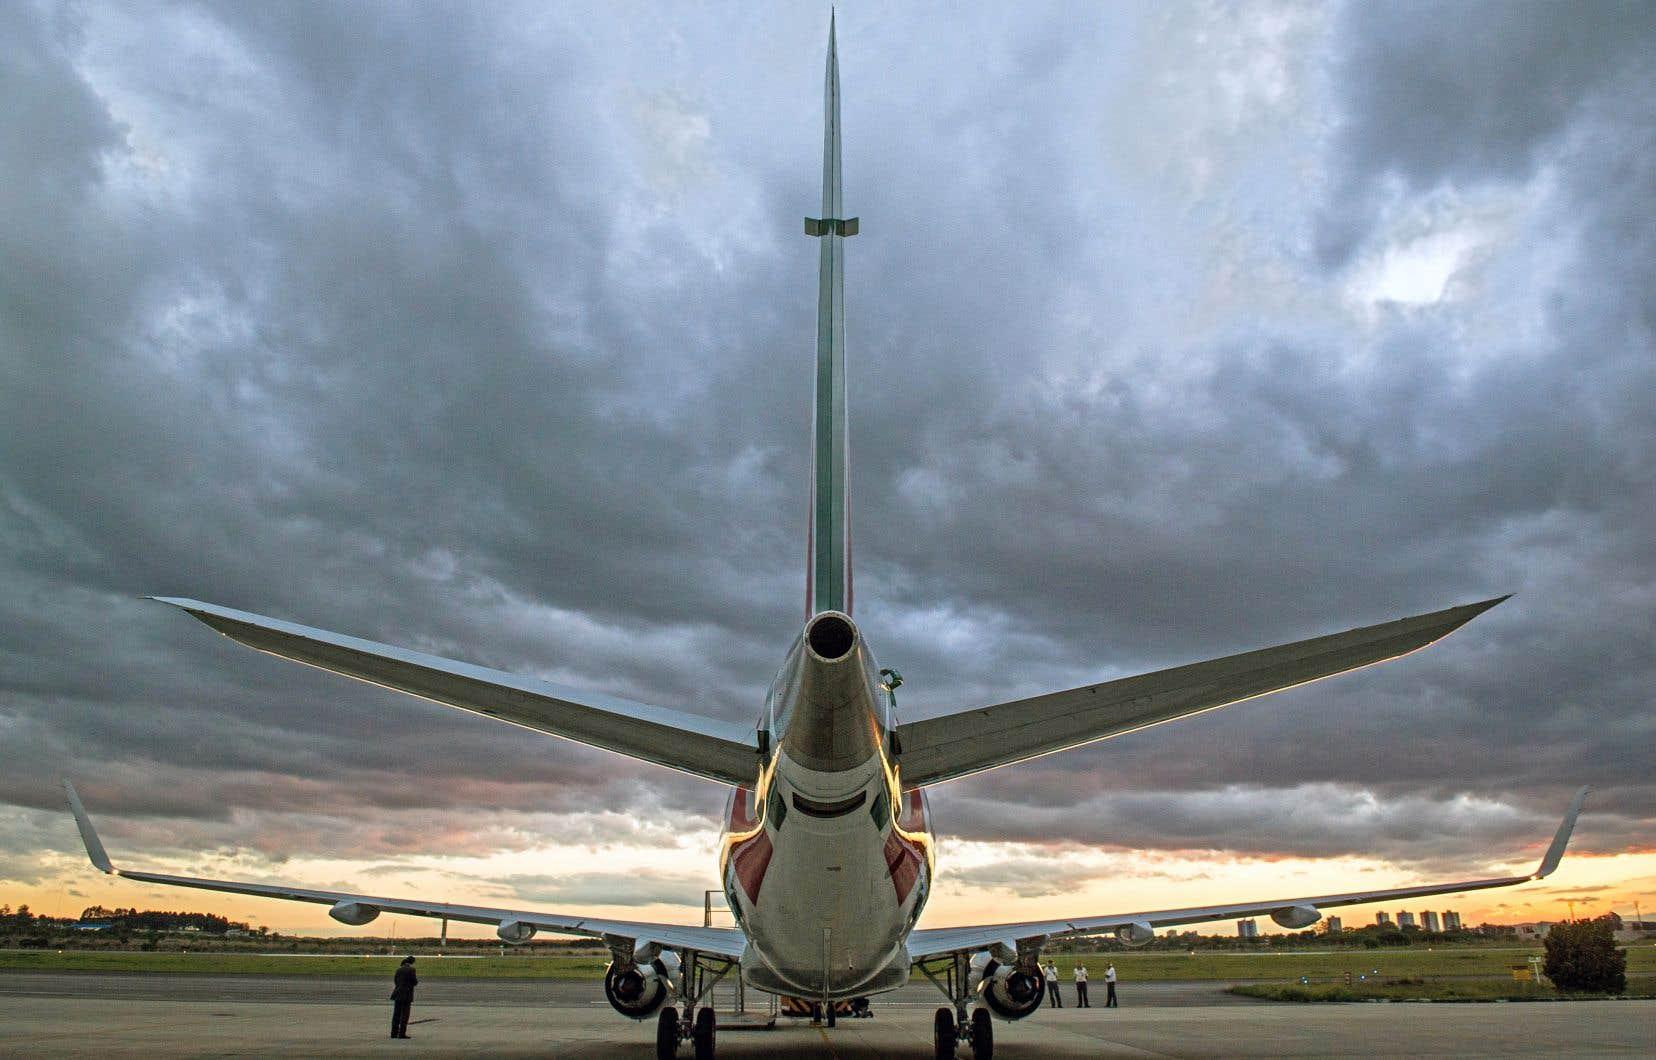 Le Canada et le Brésil se sont souvent affrontés au sujet des appuis gouvernementaux accordés à leurs avionneurs respectifs, soit Bombardier et Embraer.